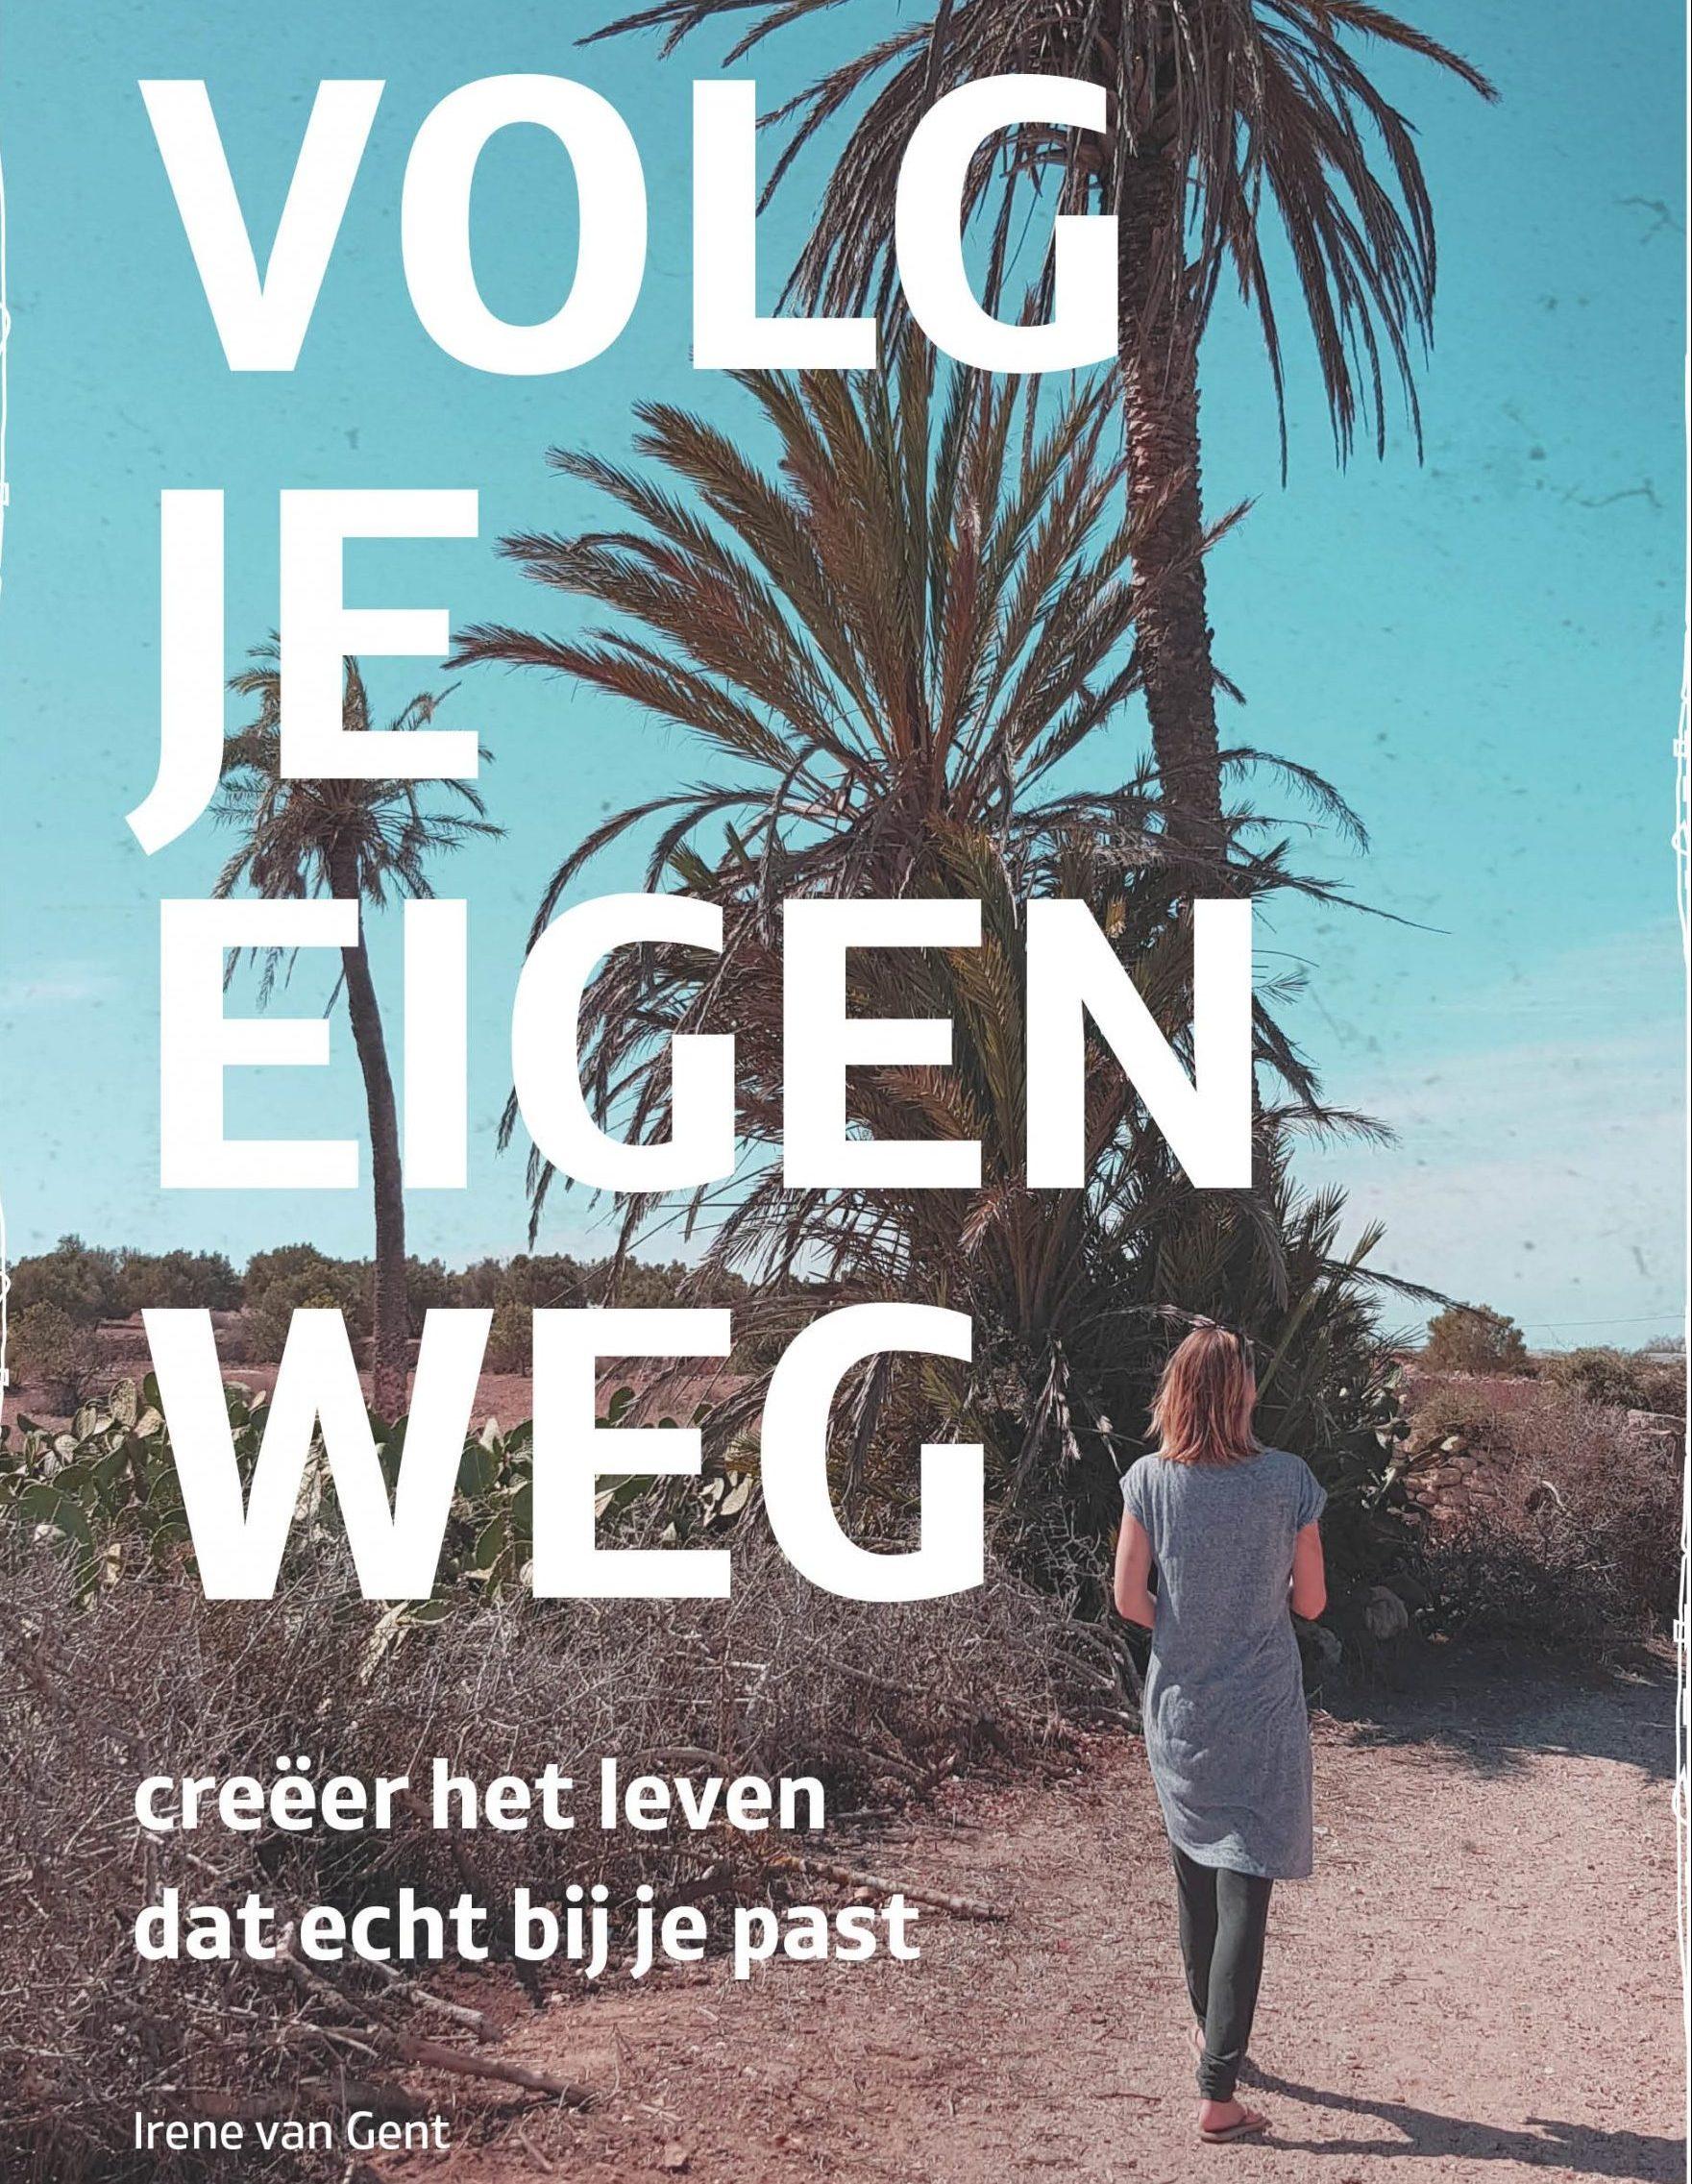 Volg je eigen weg   Irene van Gent   april 2020